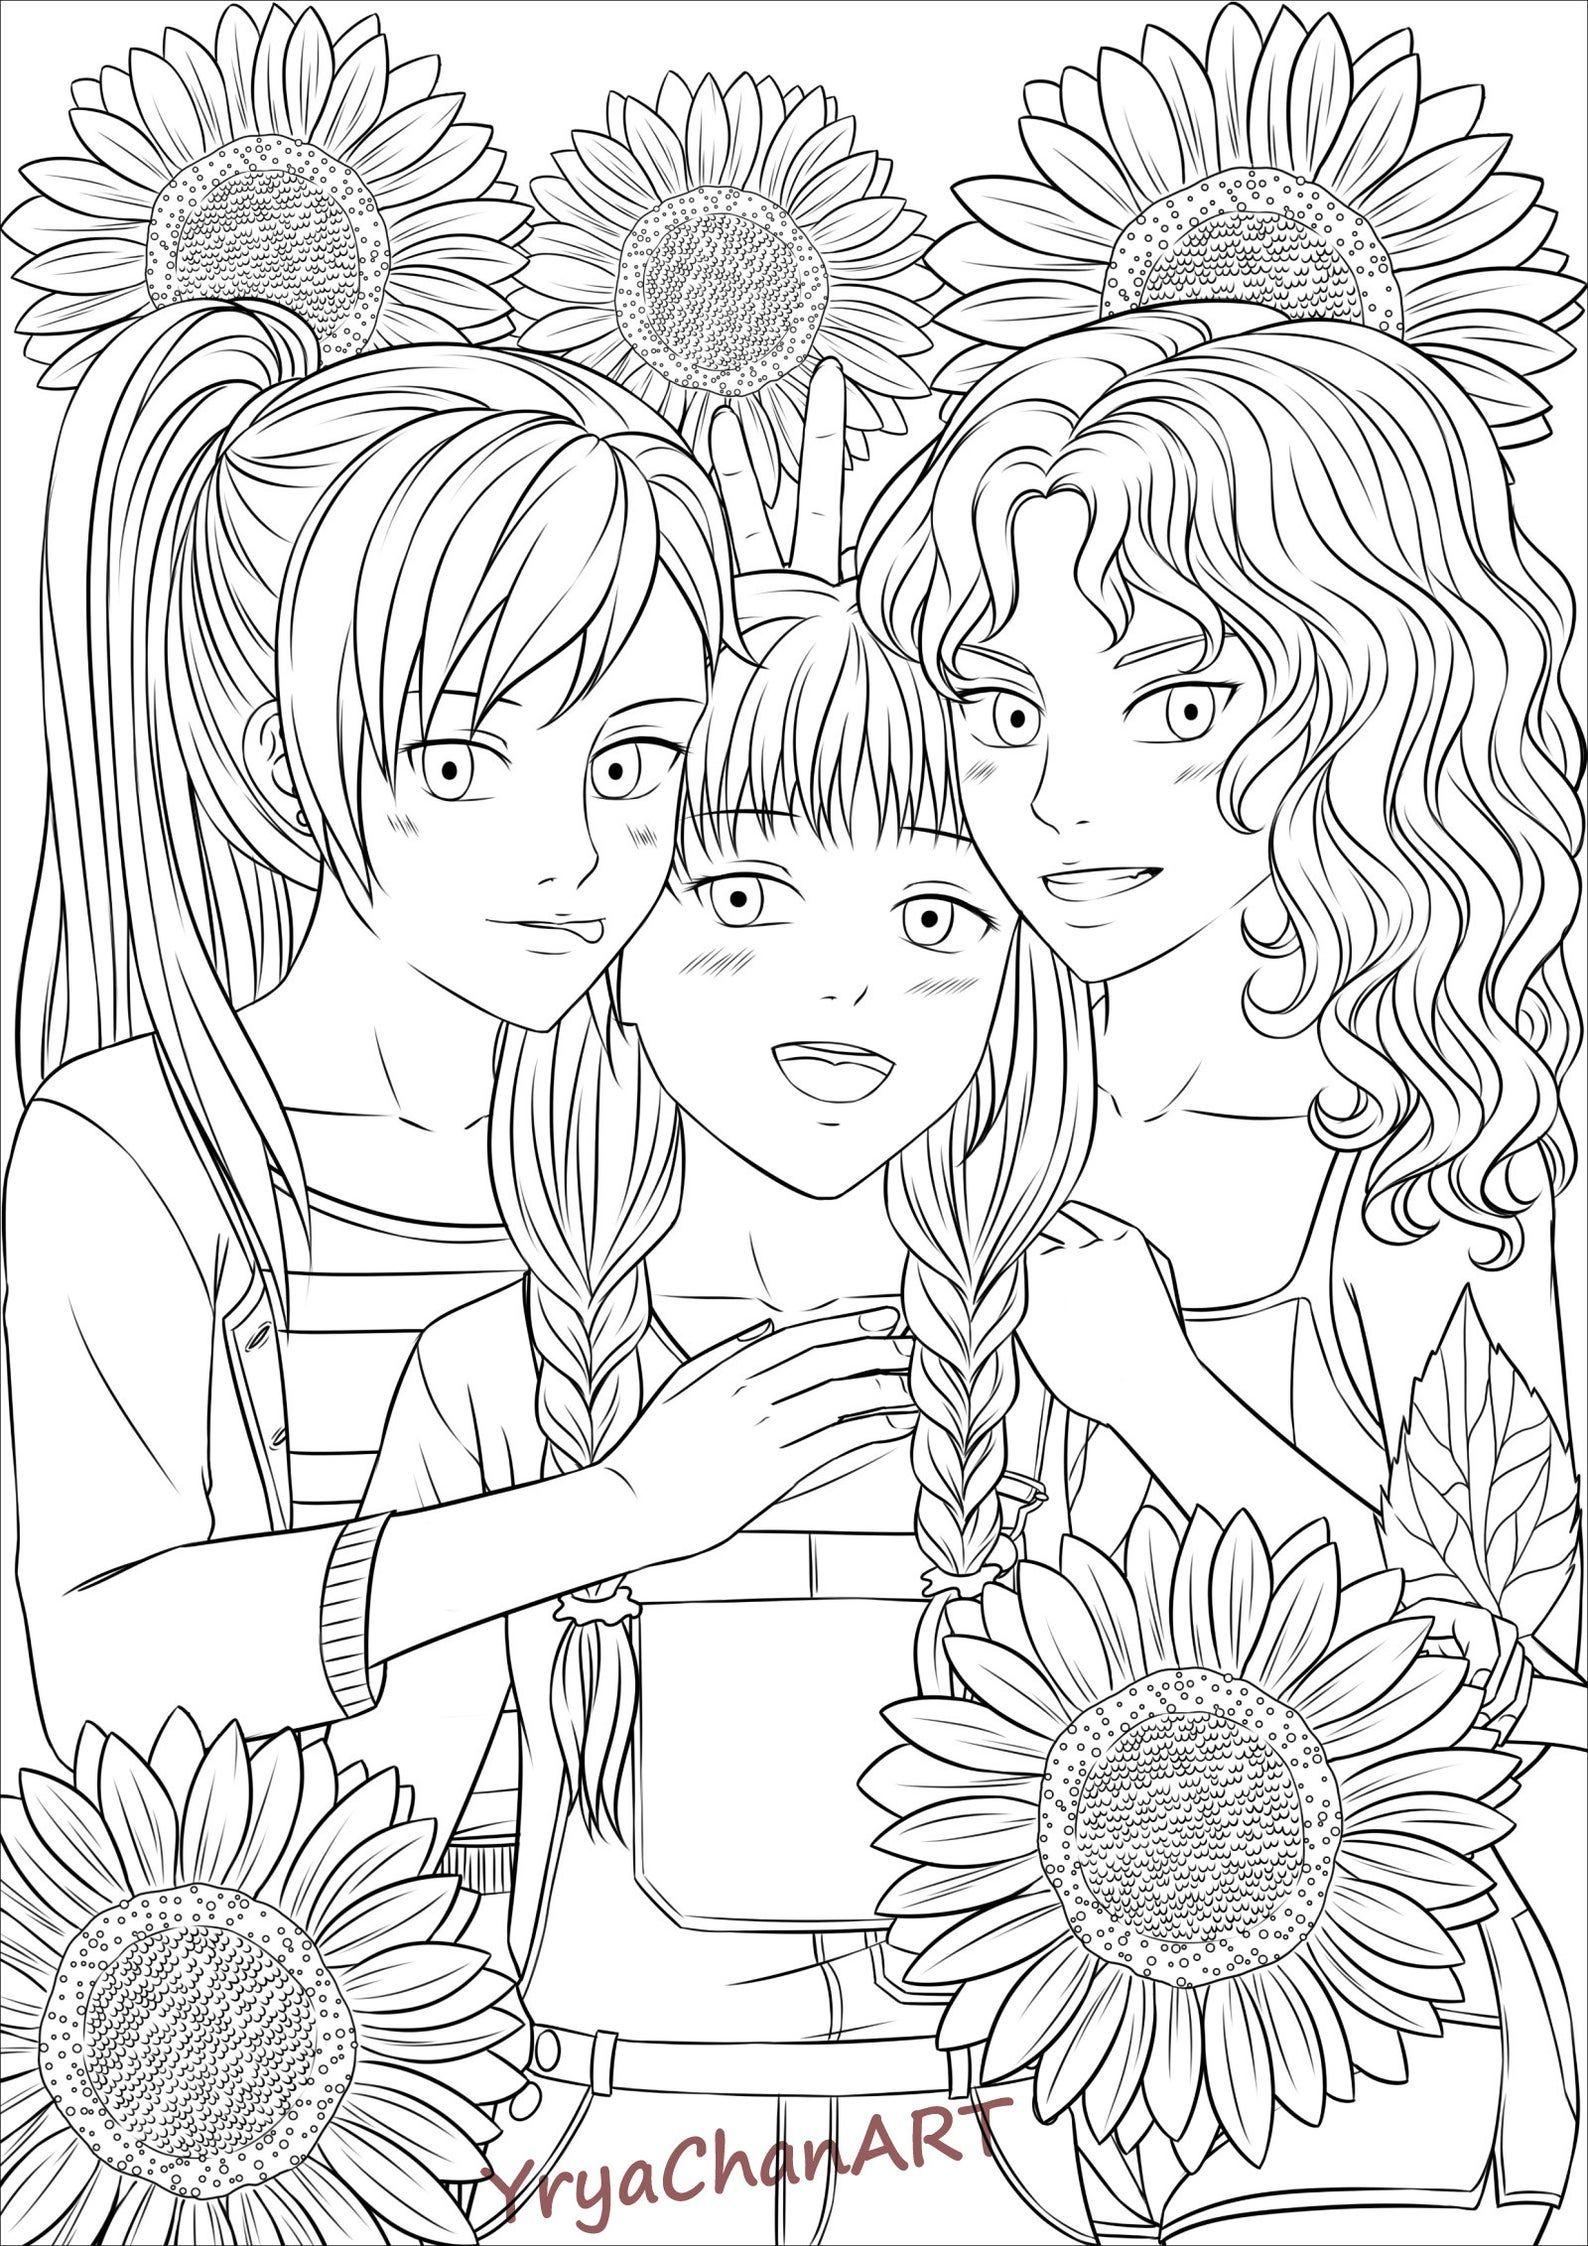 Filles et Fleurs Manga 22 pages de coloriage PDF prêt à  Etsy